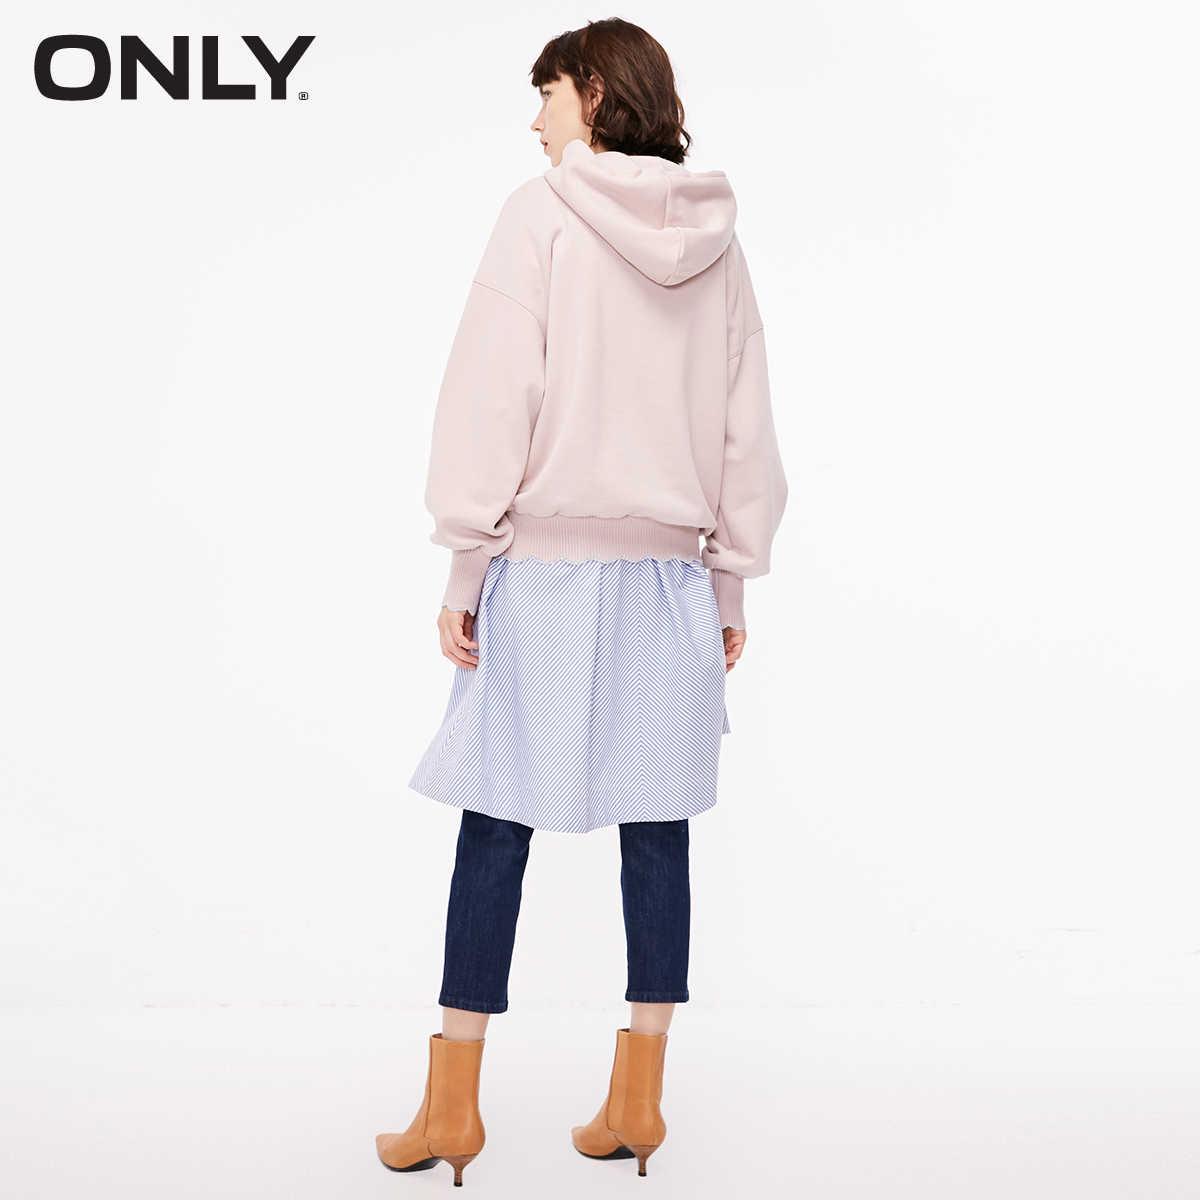 Tylko damski luźny krój z długimi rękawami, szczotkowana bluza z kapturem | 11849S505